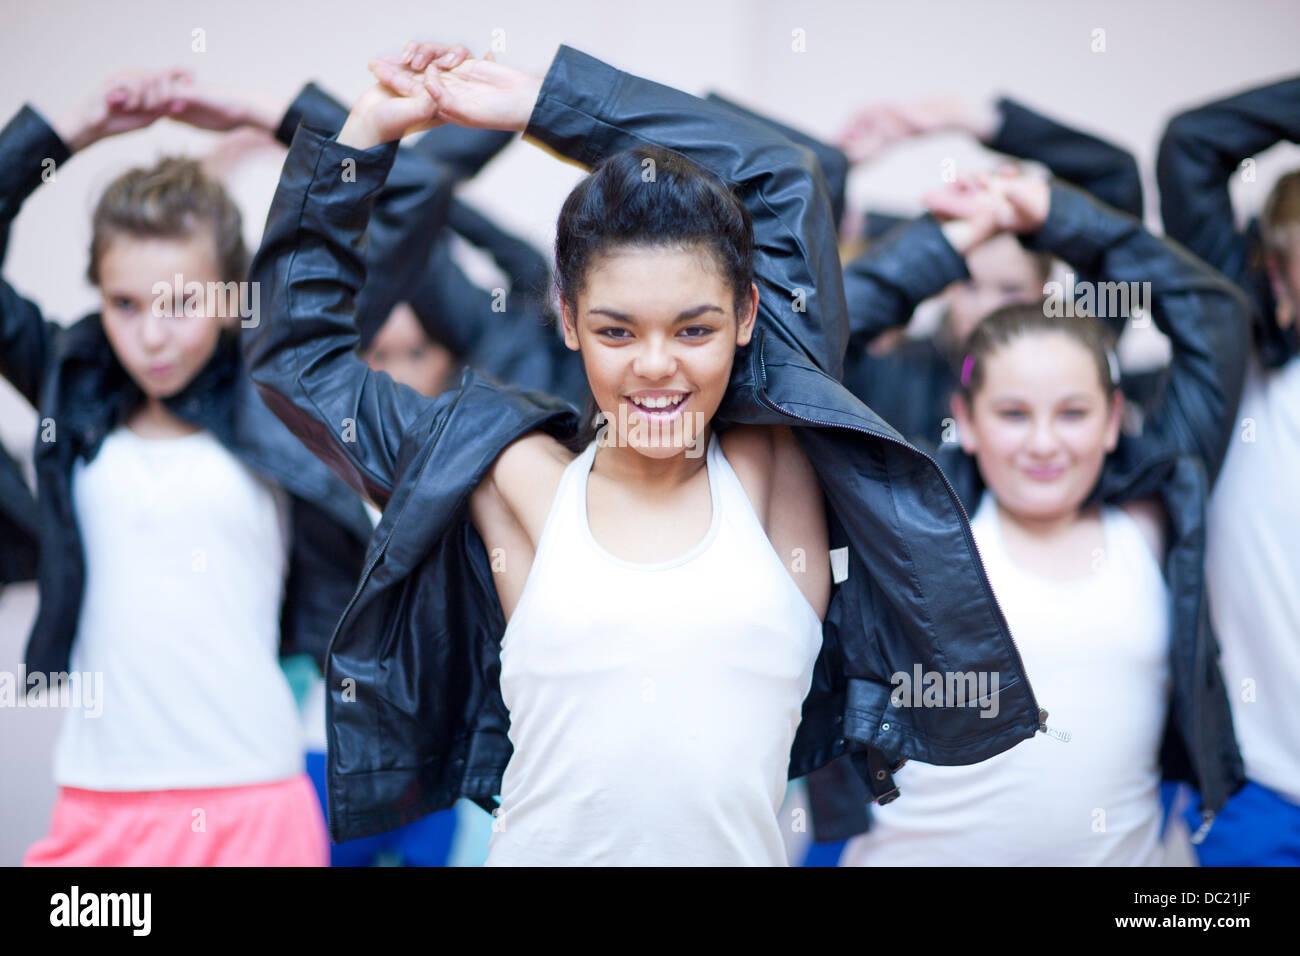 Group of teenagers dancing hip hop in studio - Stock Image